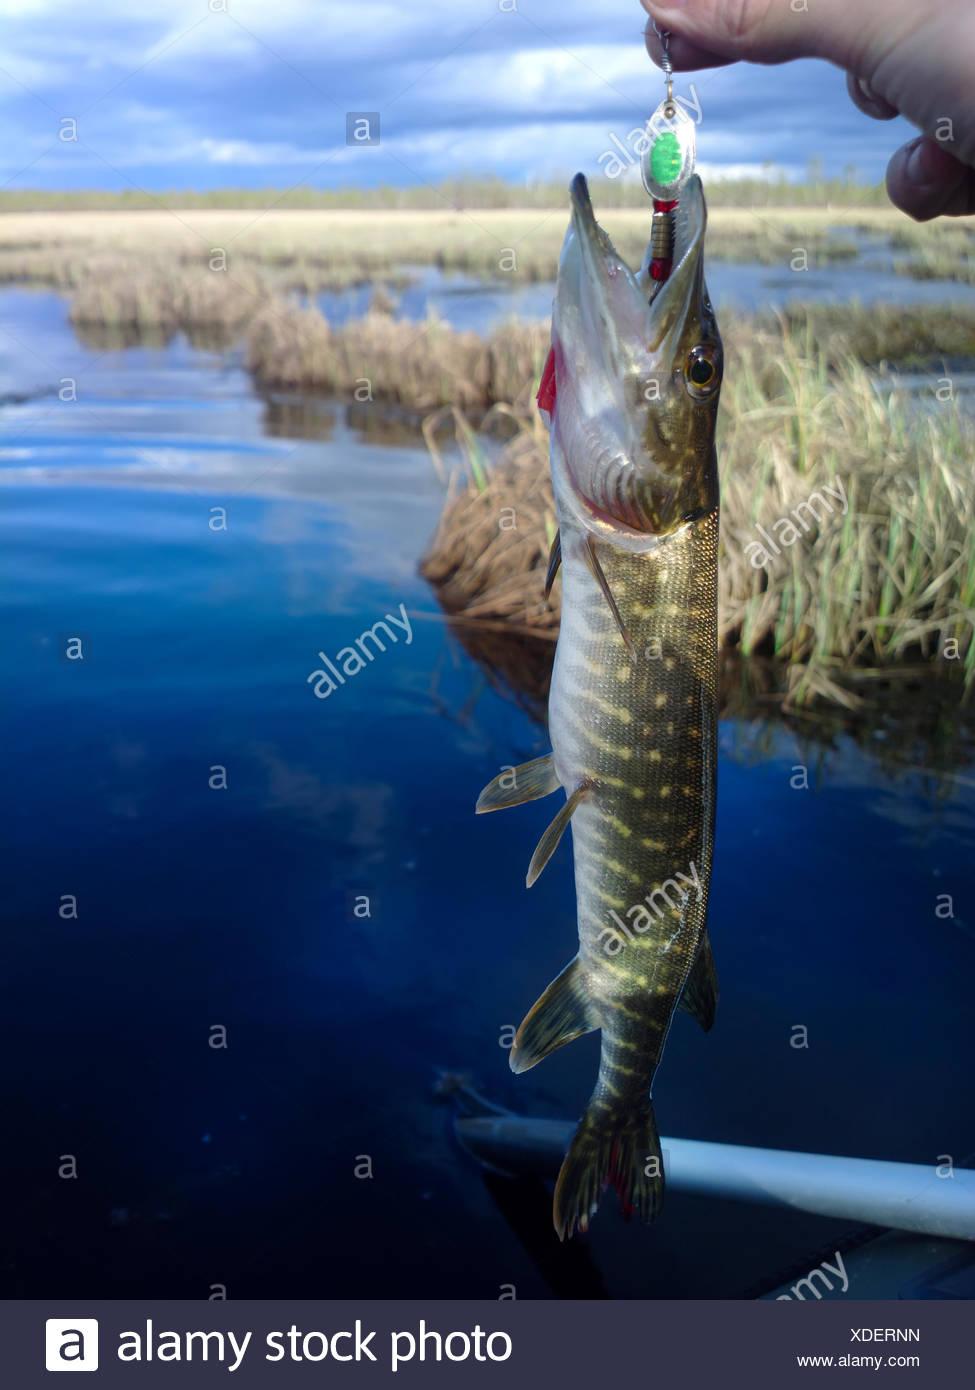 pike lake fishing on spinning Stock Photo